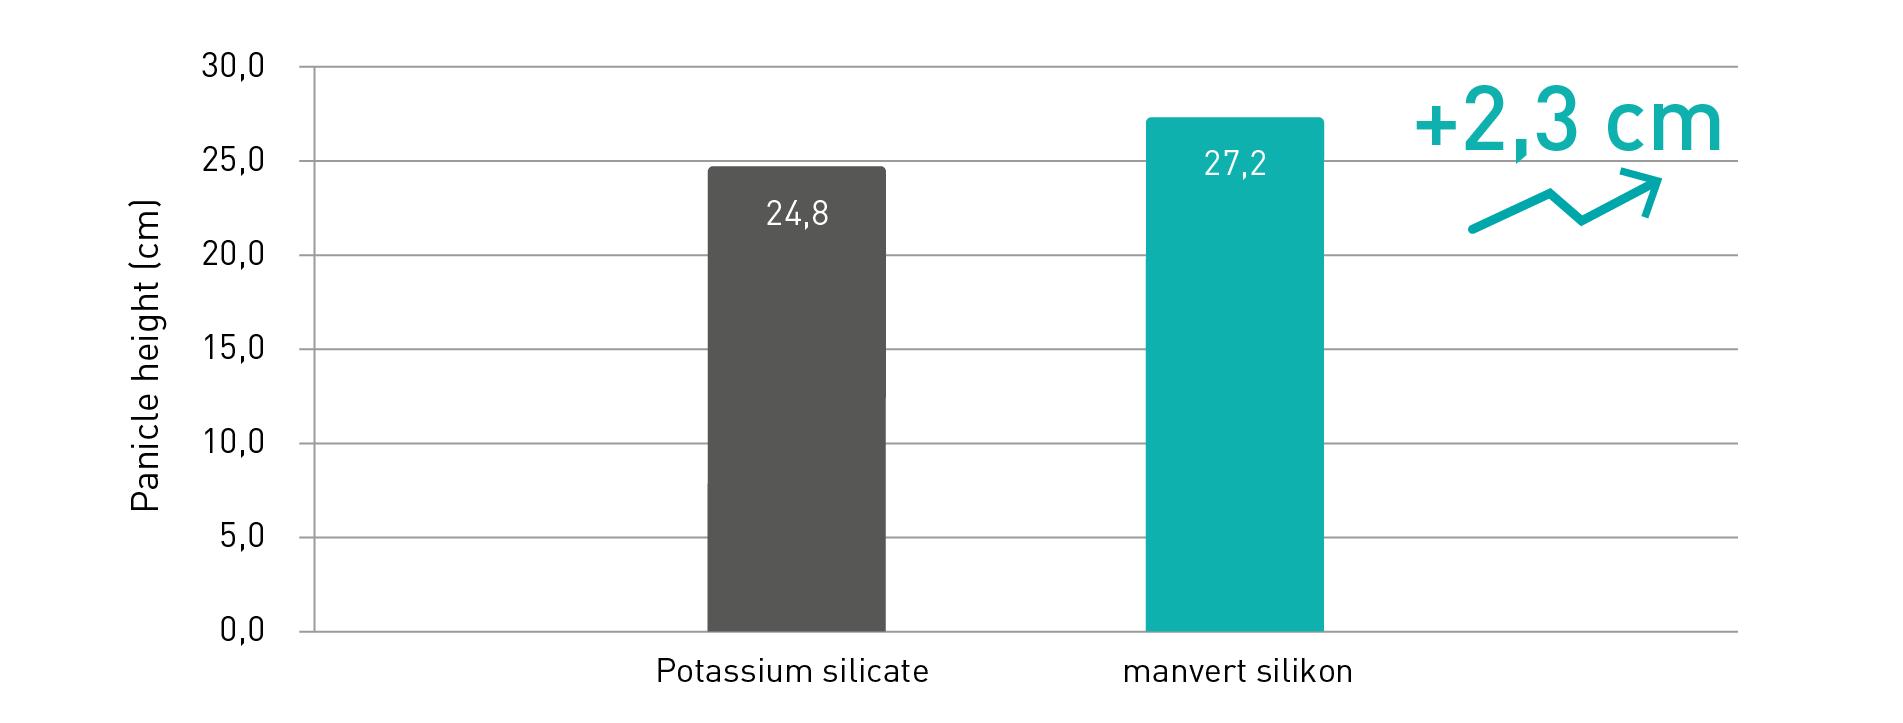 aumento calibre uva manvert foliplus